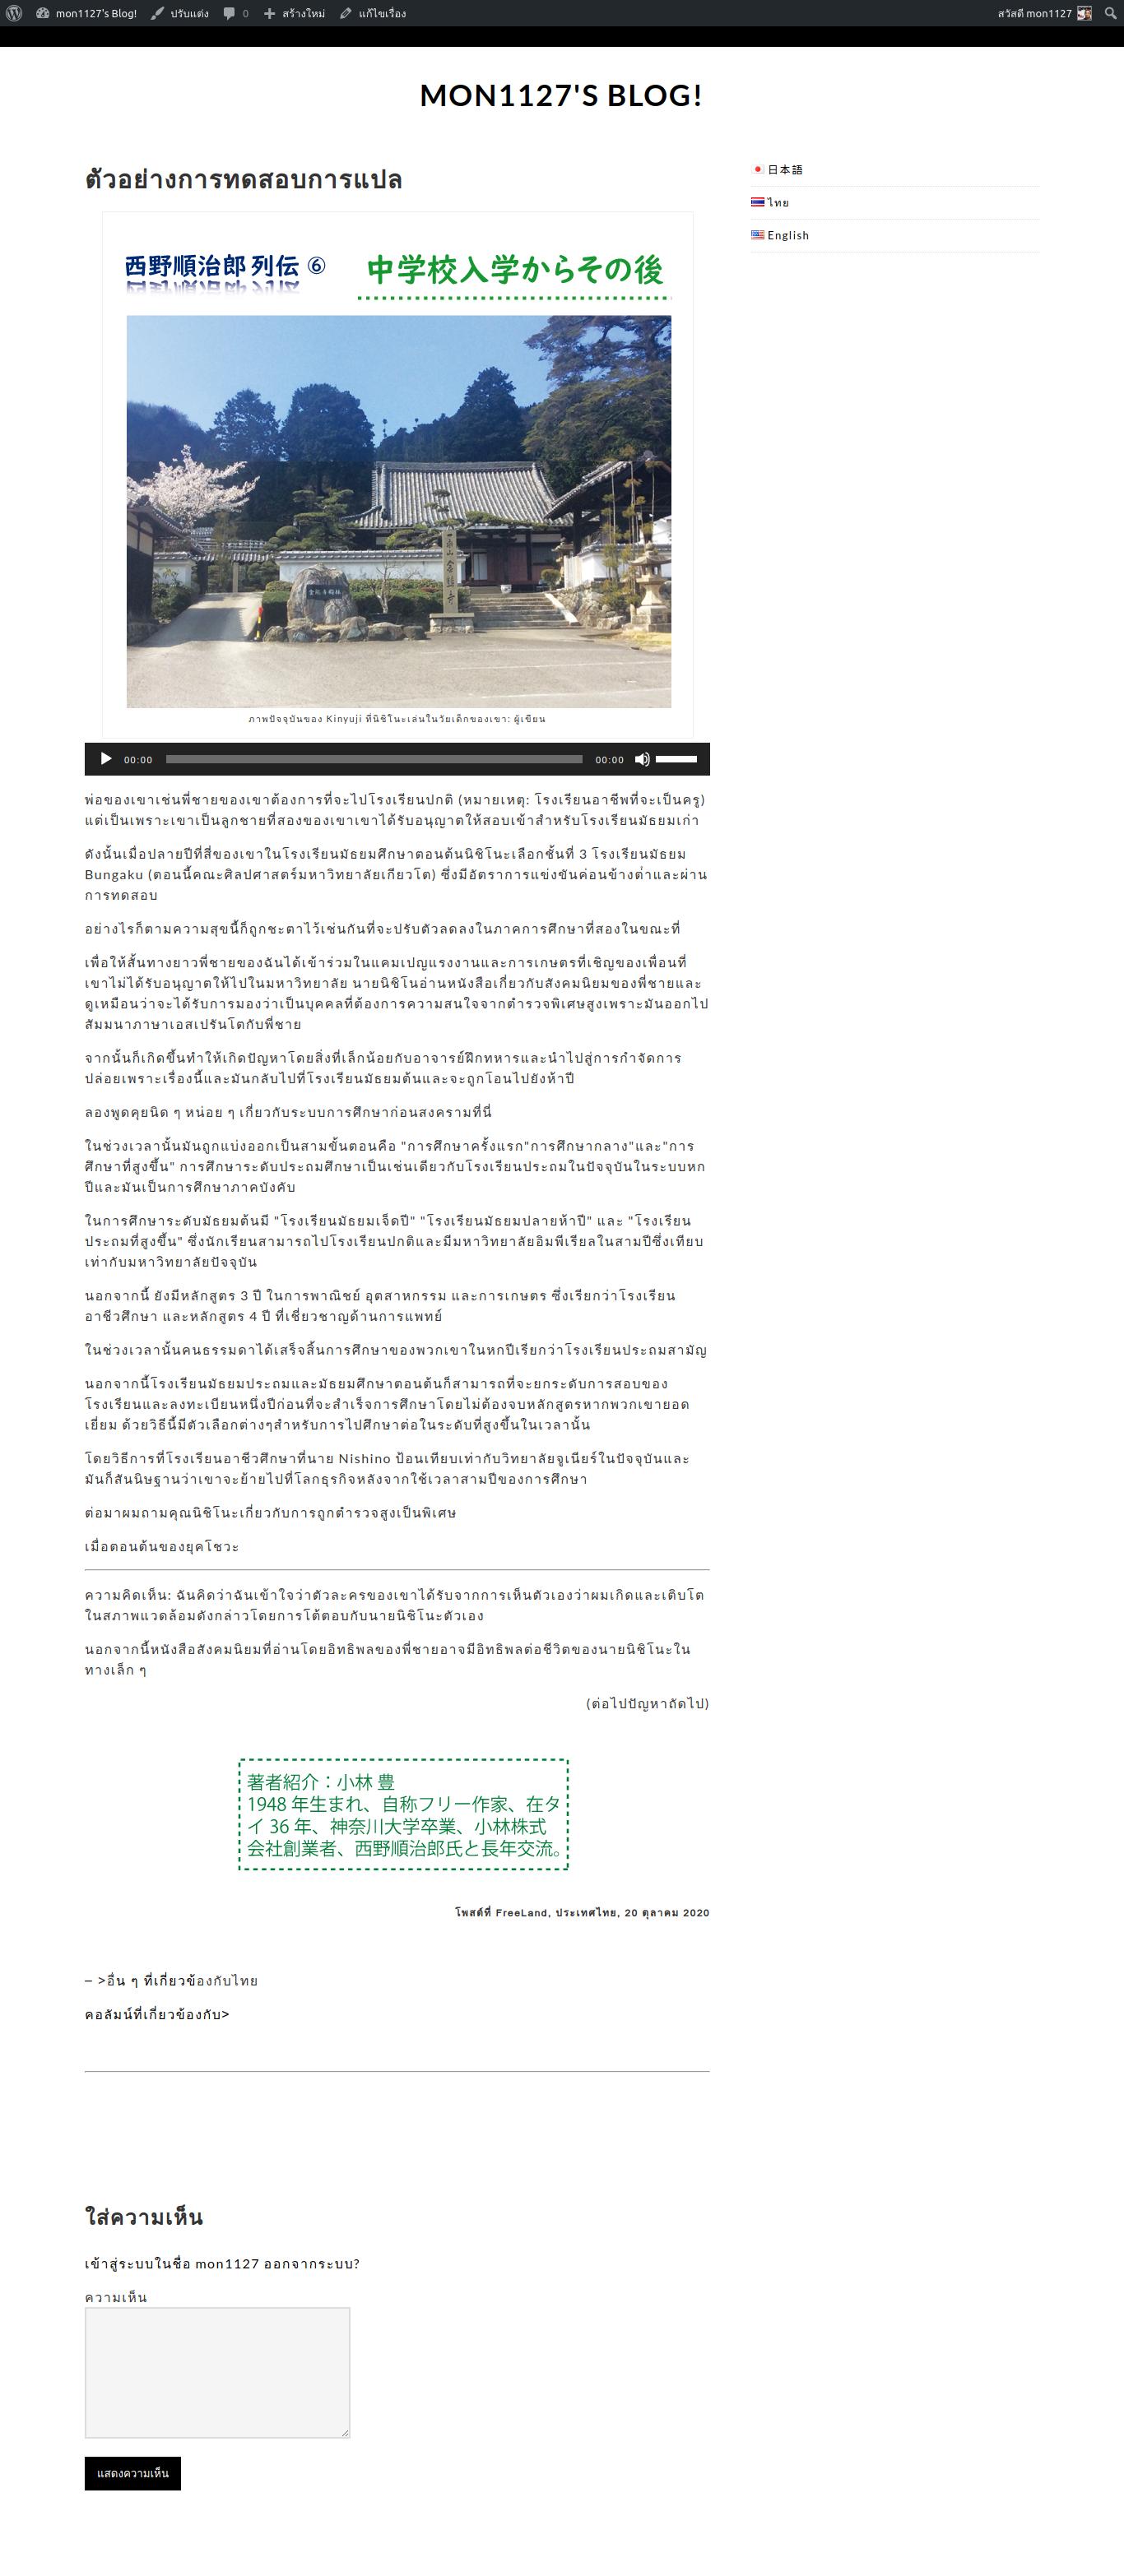 ตัวอย่างการทดสอบการแปล-–-mon1127-s-Blog-